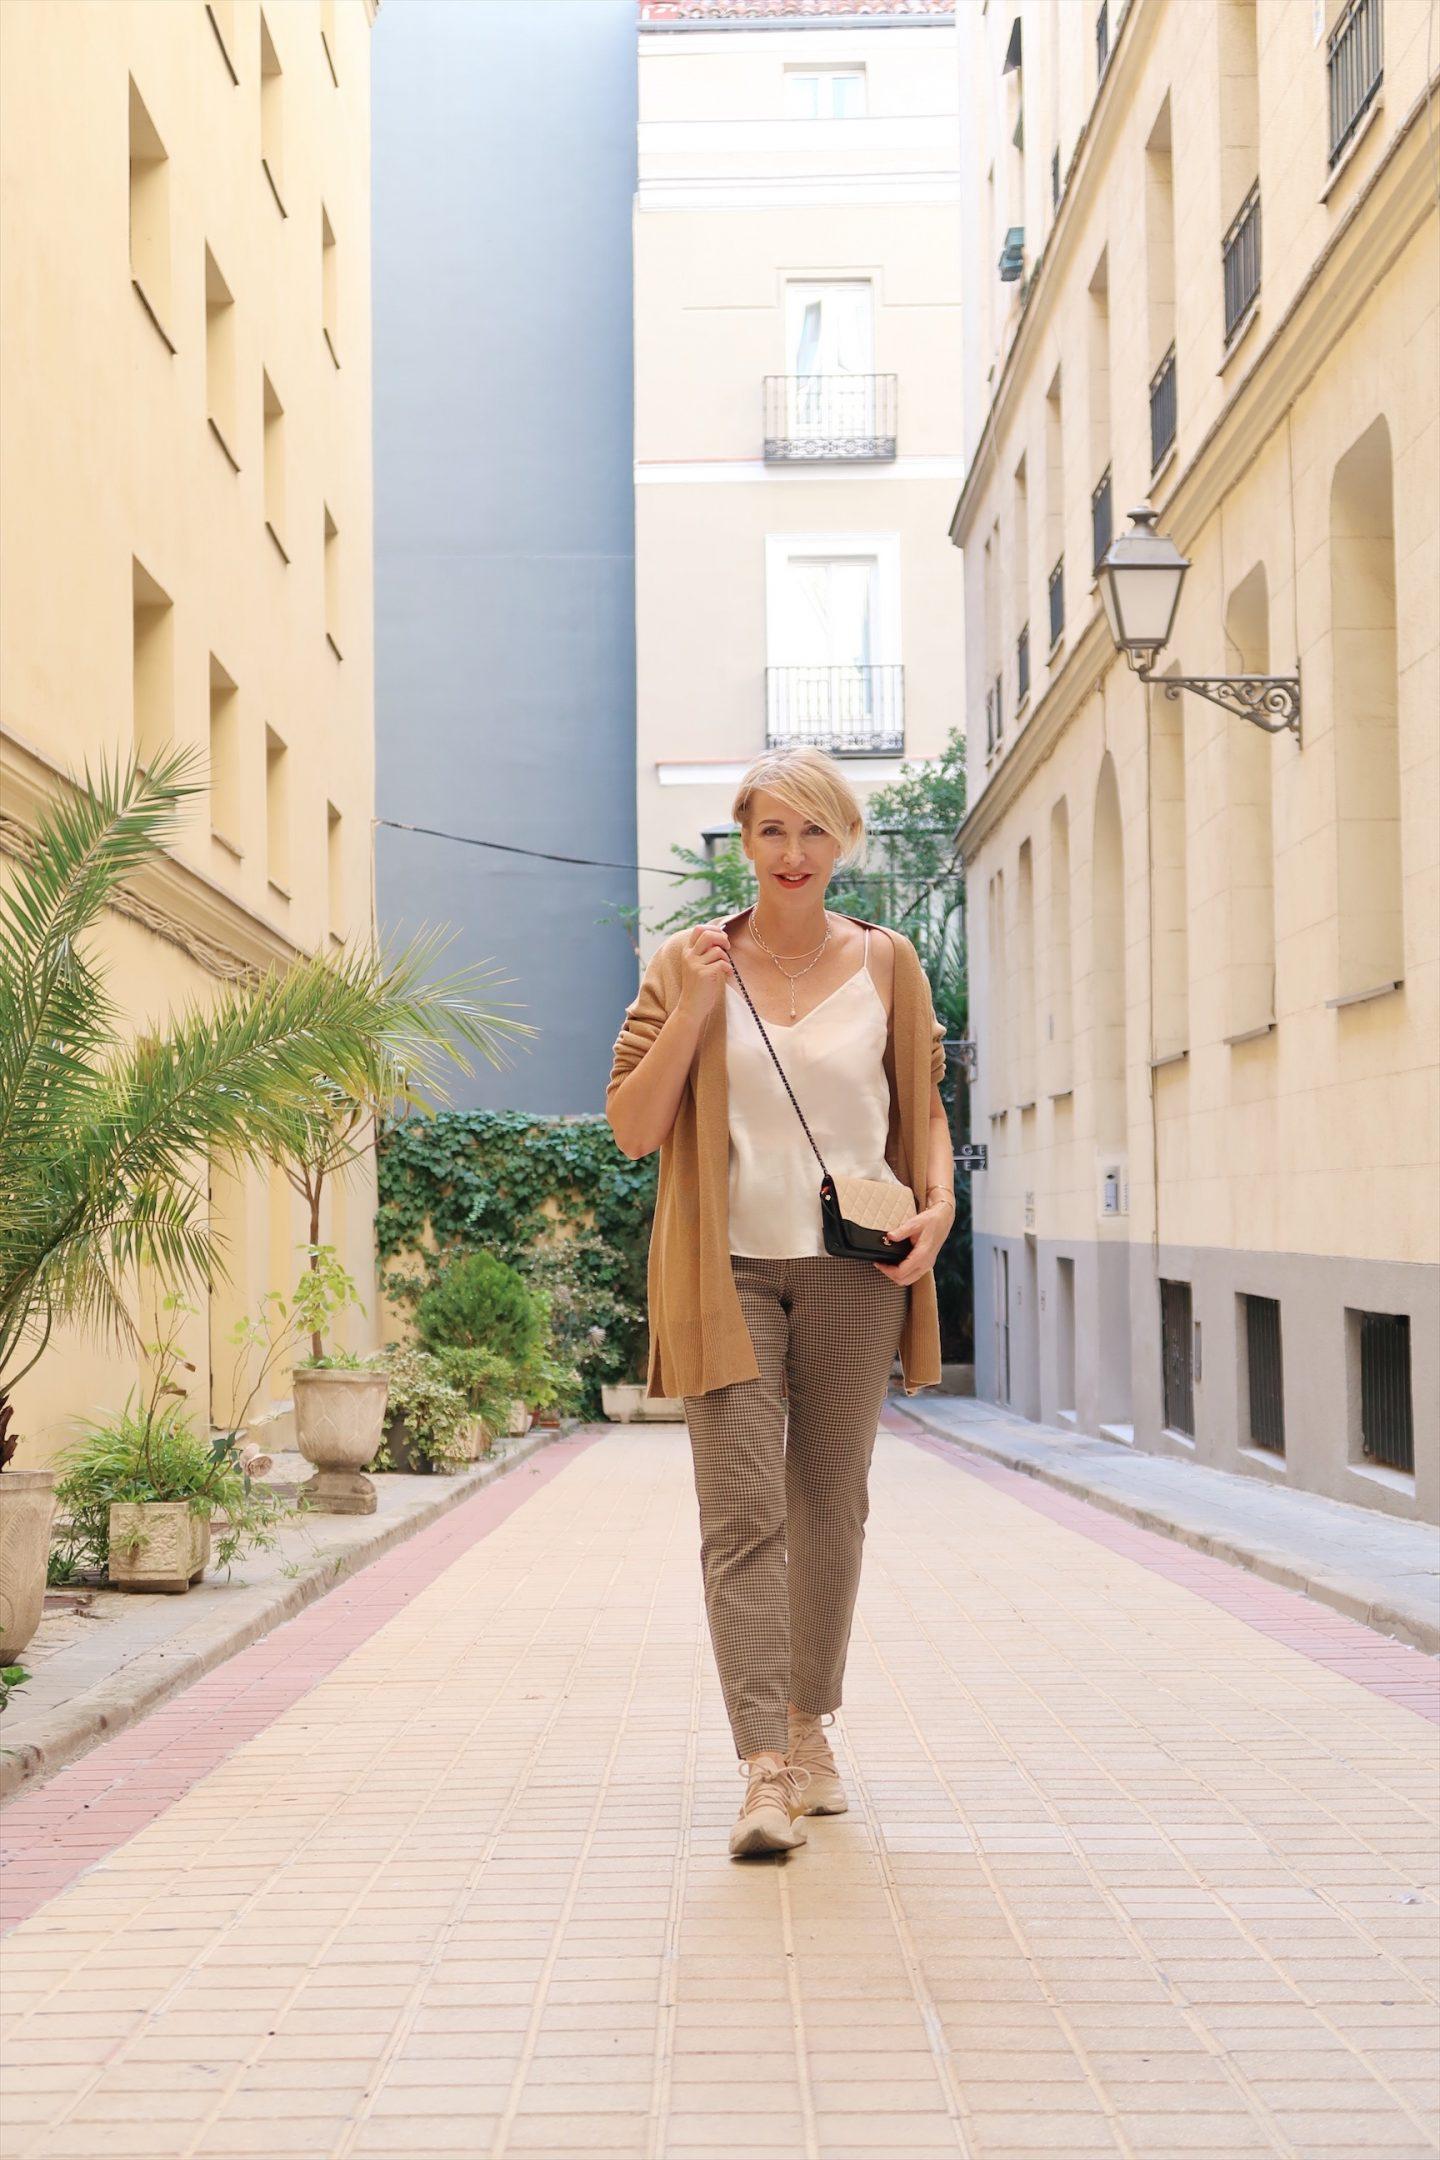 glamupyourlifestyle herbstgarderobe Herbsttrends herbstliches-Outfit Ü-40-Blog -ue-40-Blog ü-50-Blog